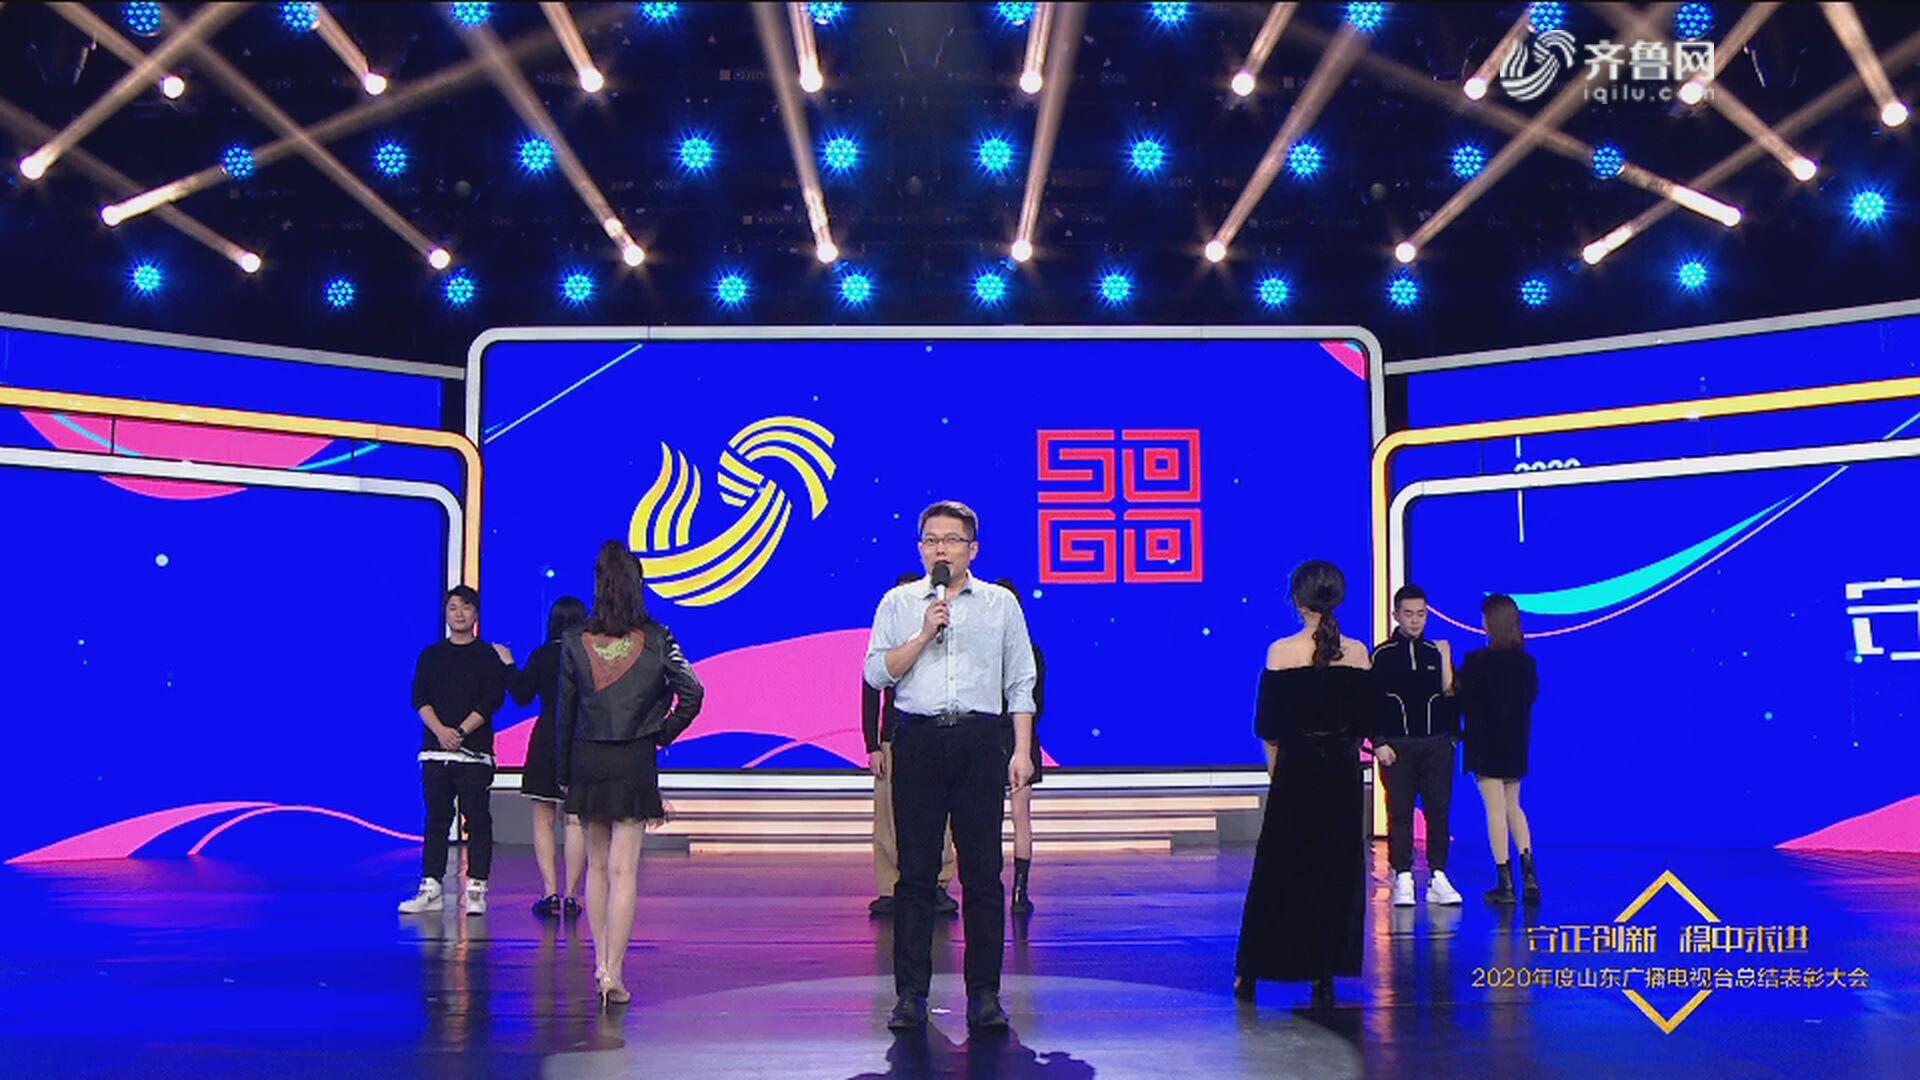 2020年山东广电总结表彰大会|我的城我的歌,我们都是追梦人